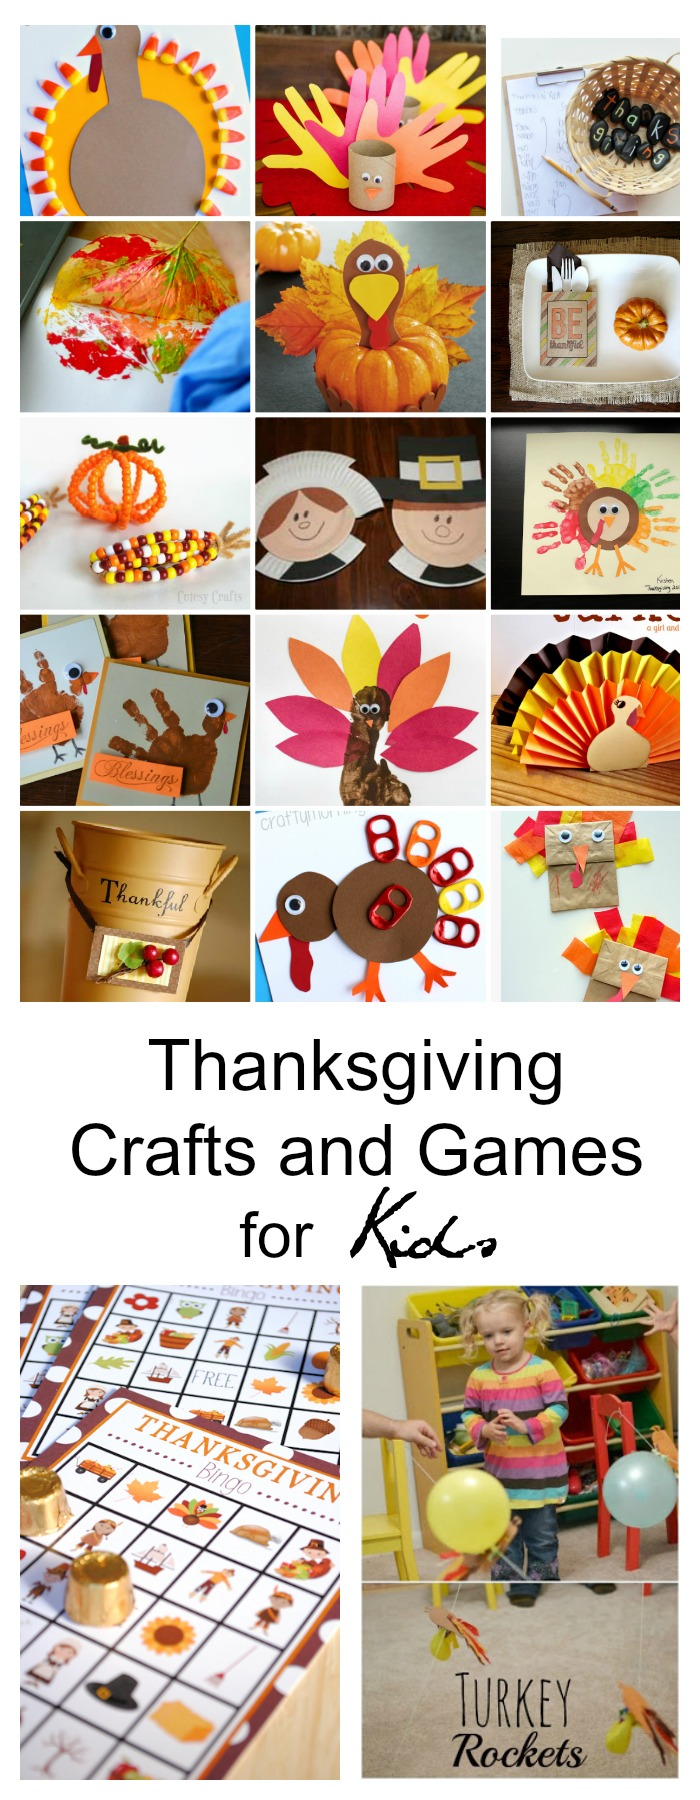 Thanksgiving-Craft-Games-Kids-Pin